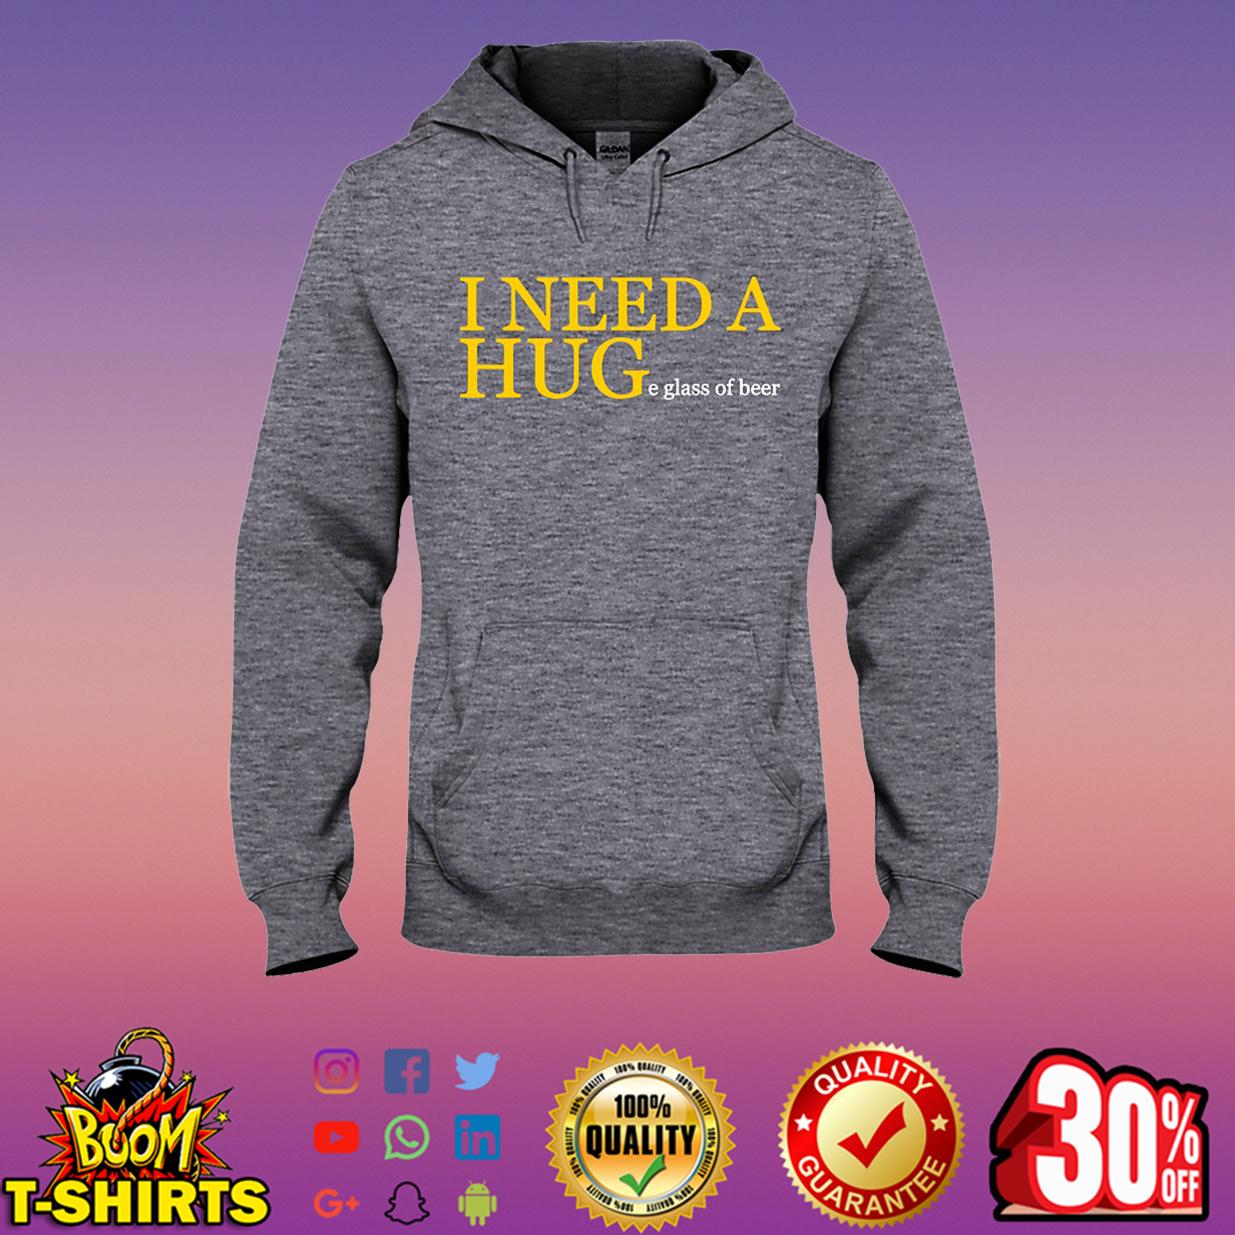 I need a huge glass of beer hooded sweatshirt